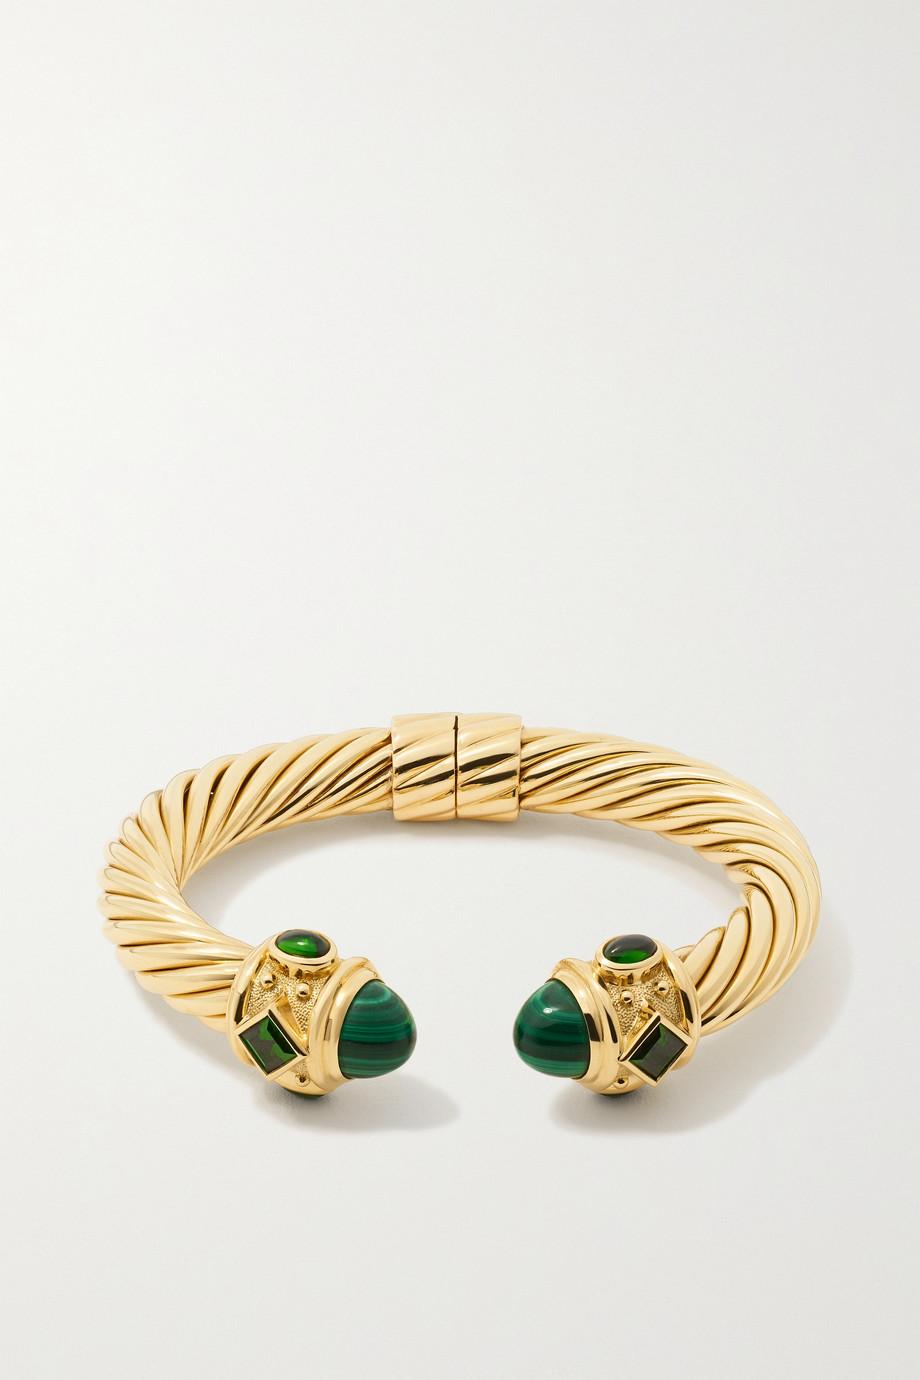 David Yurman Bracelet en or 18 carats, malachites et diopsides Renaissance